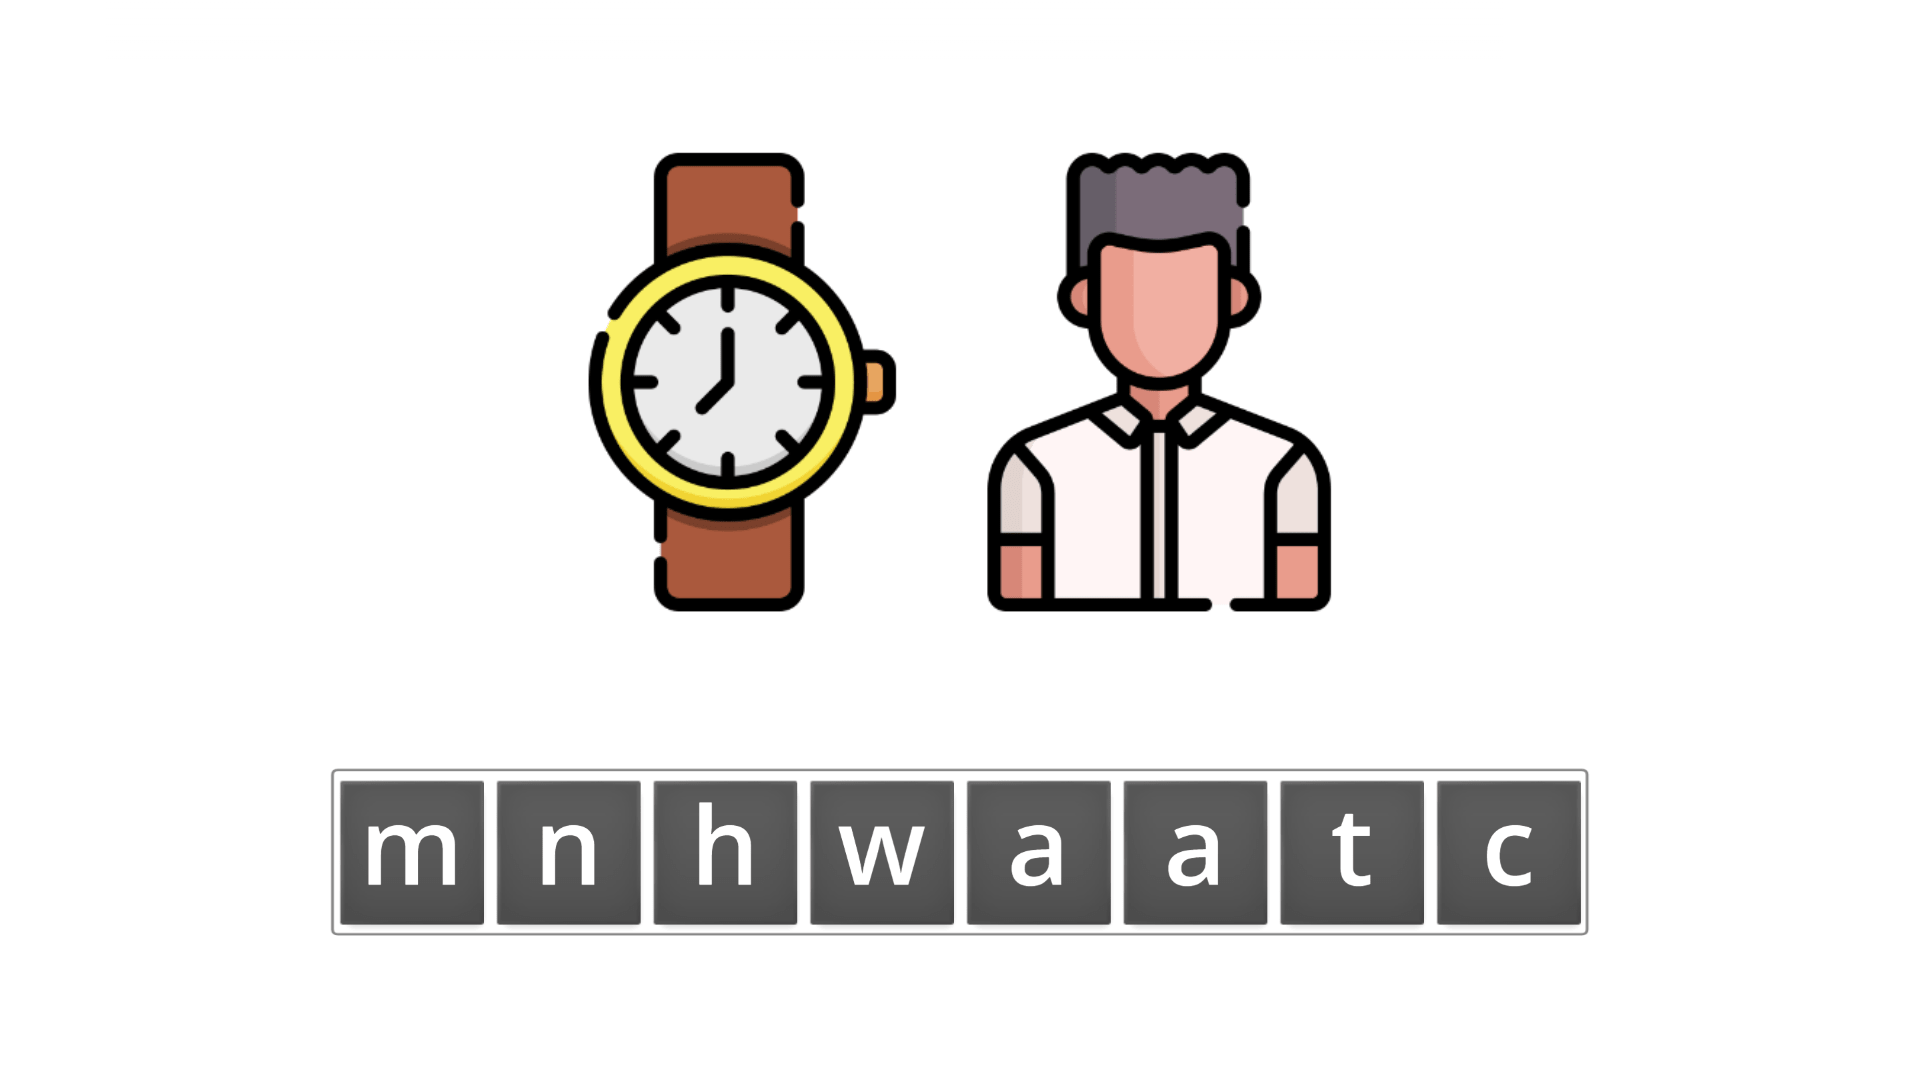 esl resources - flashcards - compound nouns  - unscramble - watchman